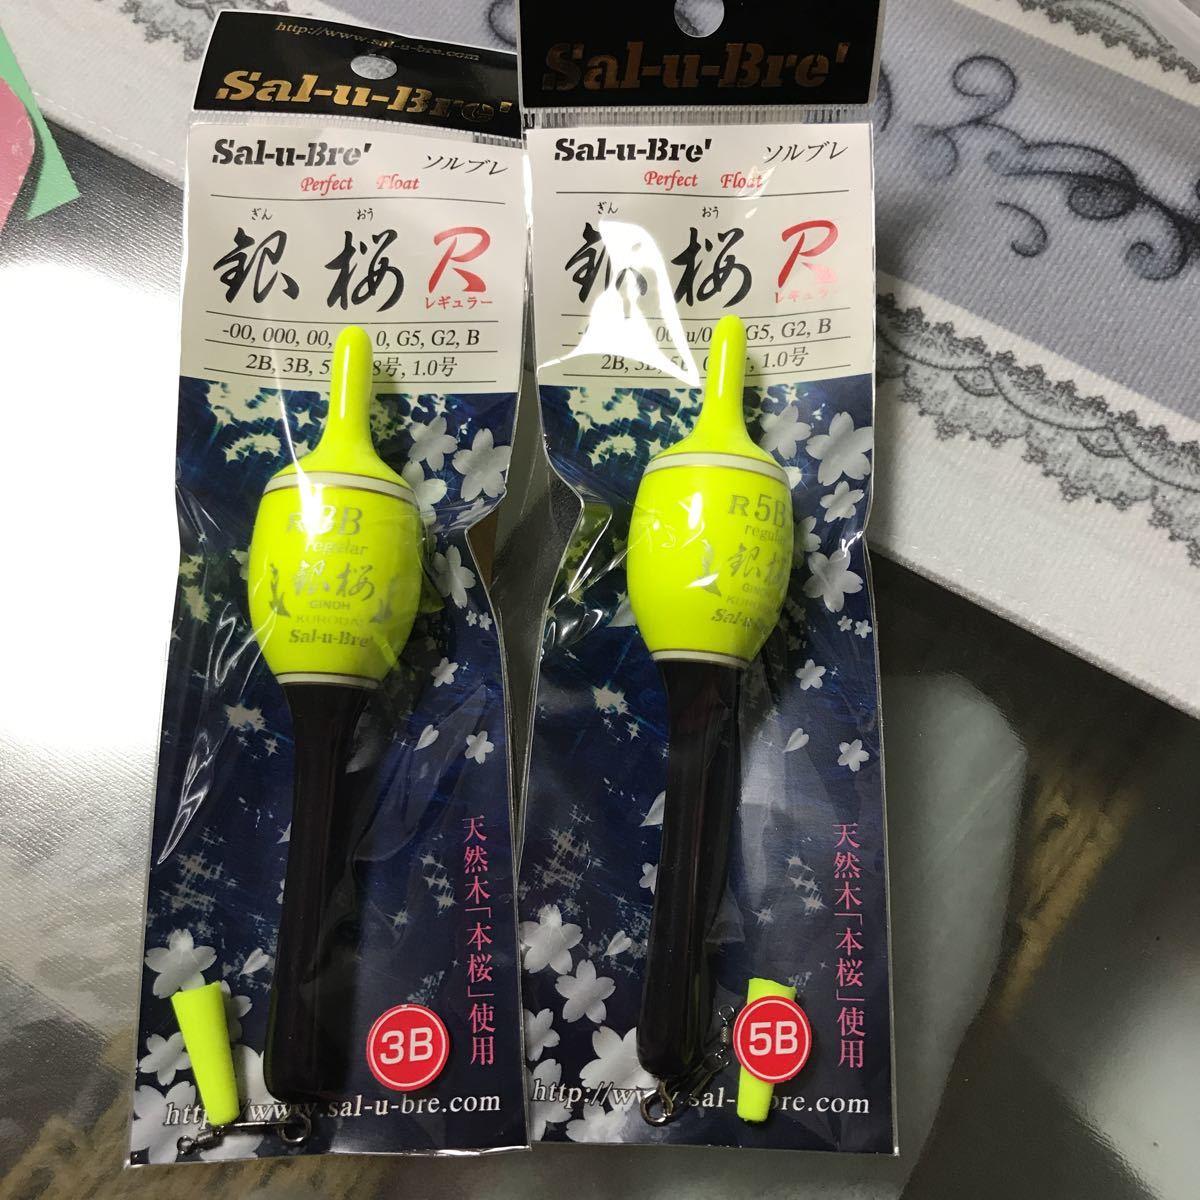 新品未使用!ソルブレ 銀桜R 3B/5B イエロー 2個セット!売り切り!